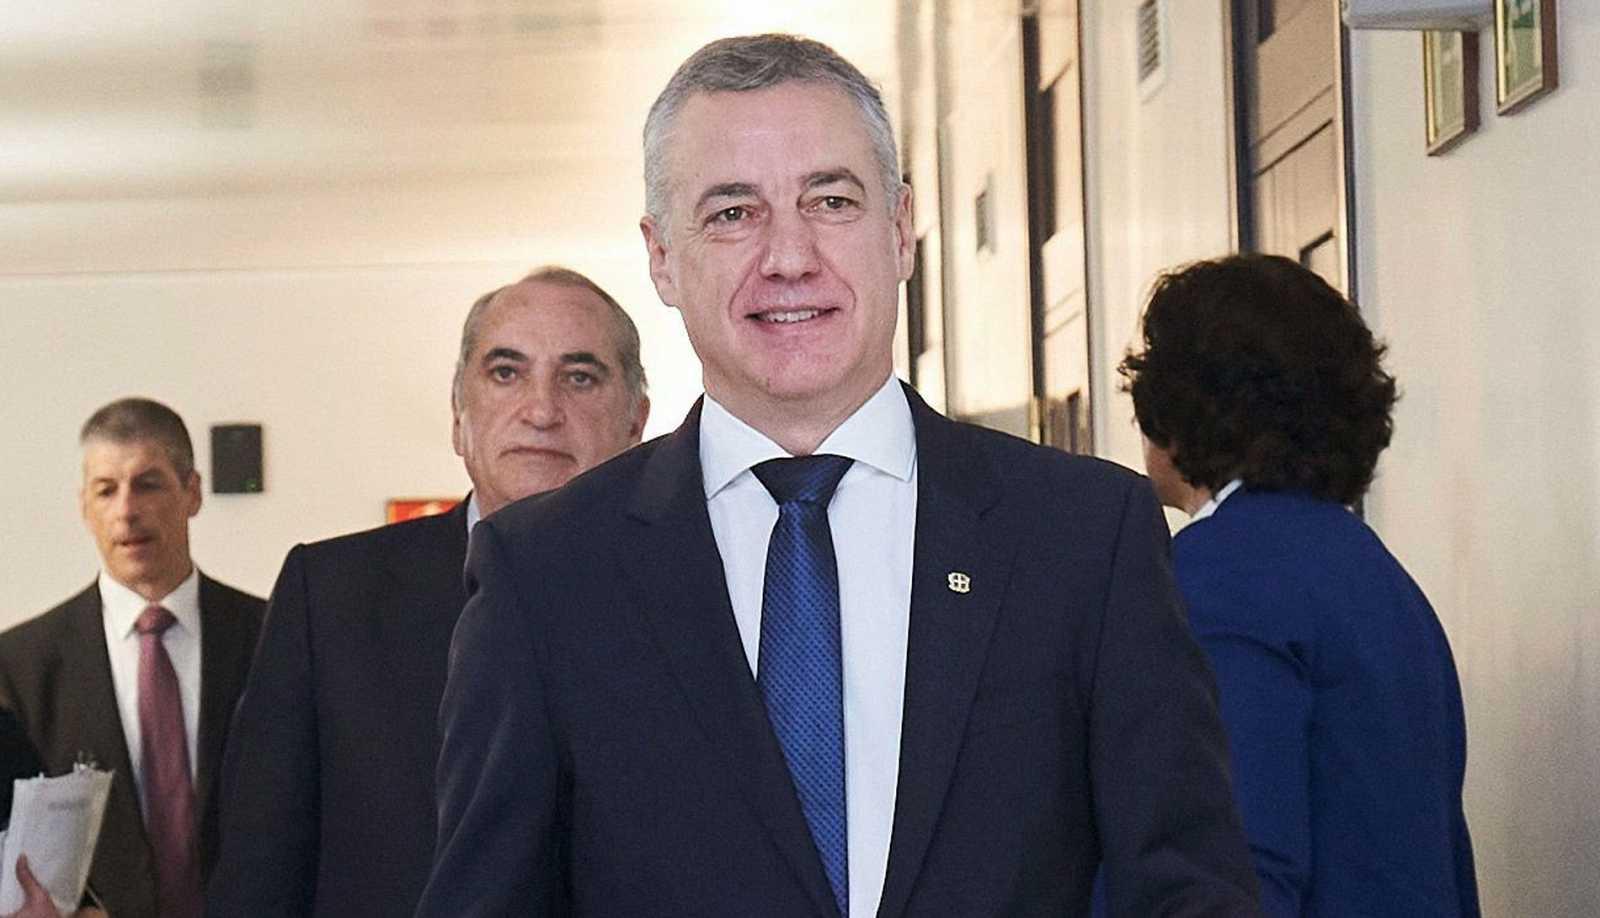 El lehendakari vasco y candidato a la reelección por el PNV, Iñigo Urkullu, en una imagen de archivo.